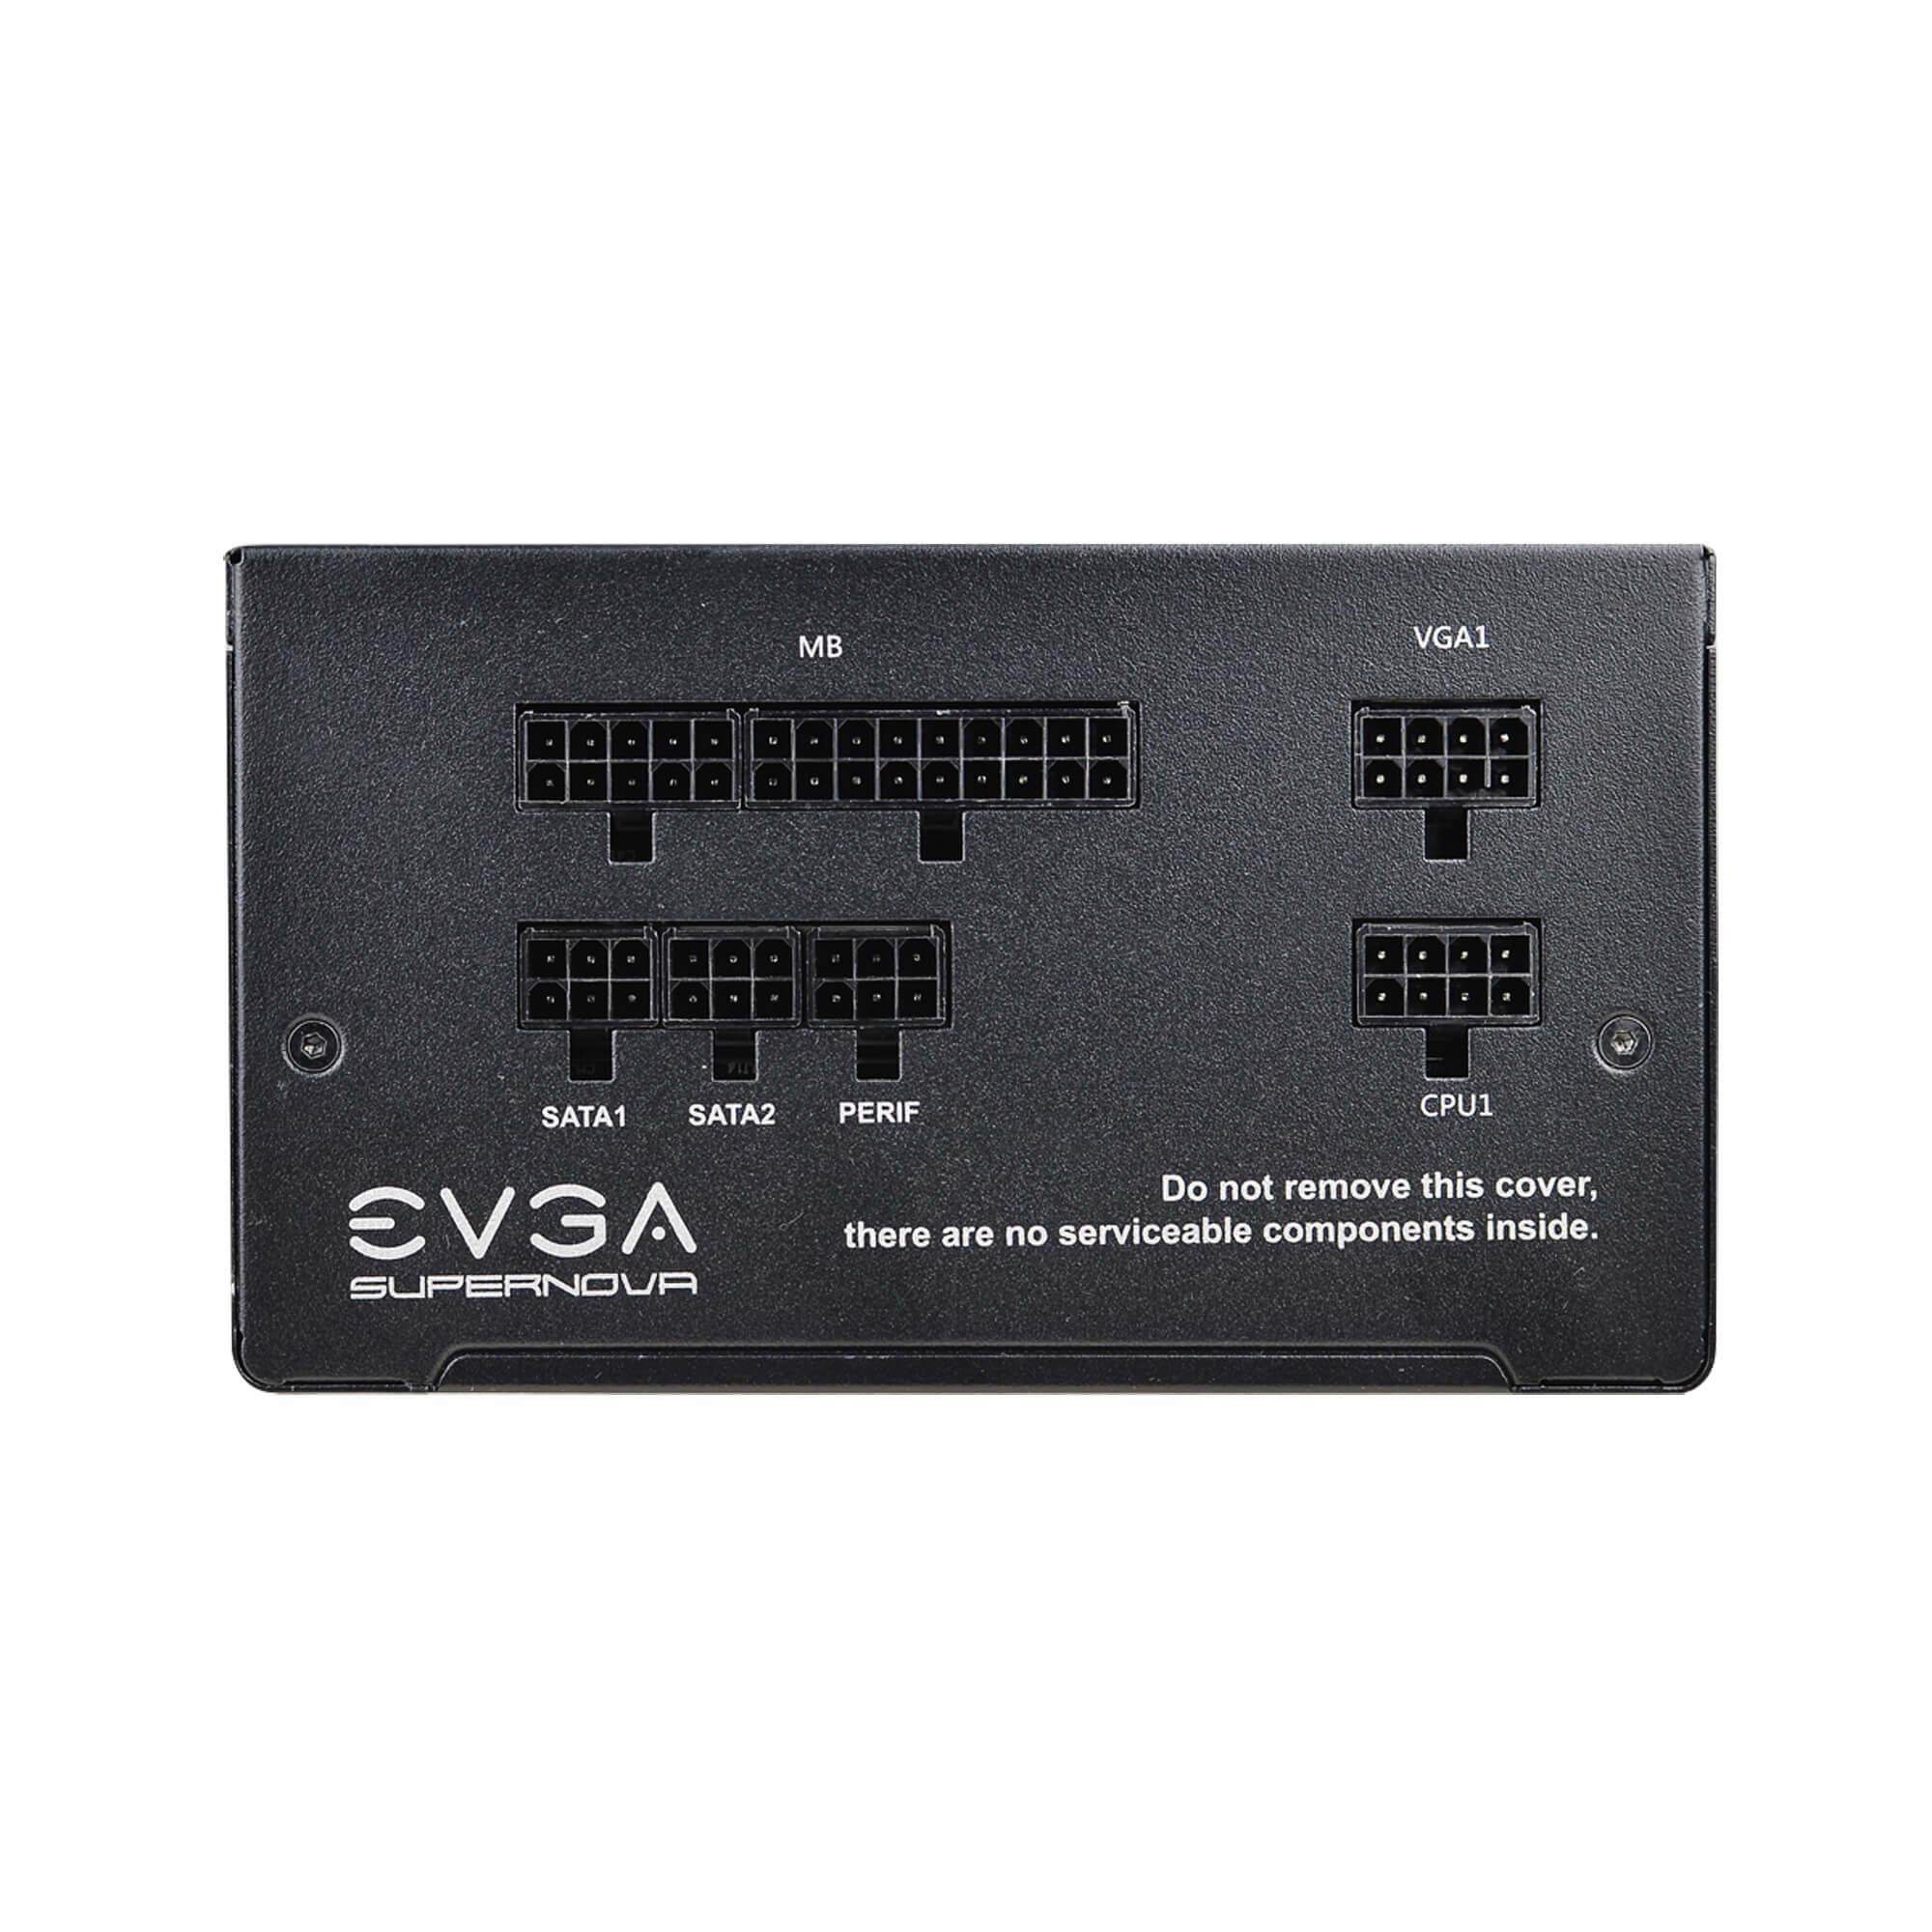 EVGA SuperNOVA 550 GT - Netzteil (intern) - ATX12V / EPS12V